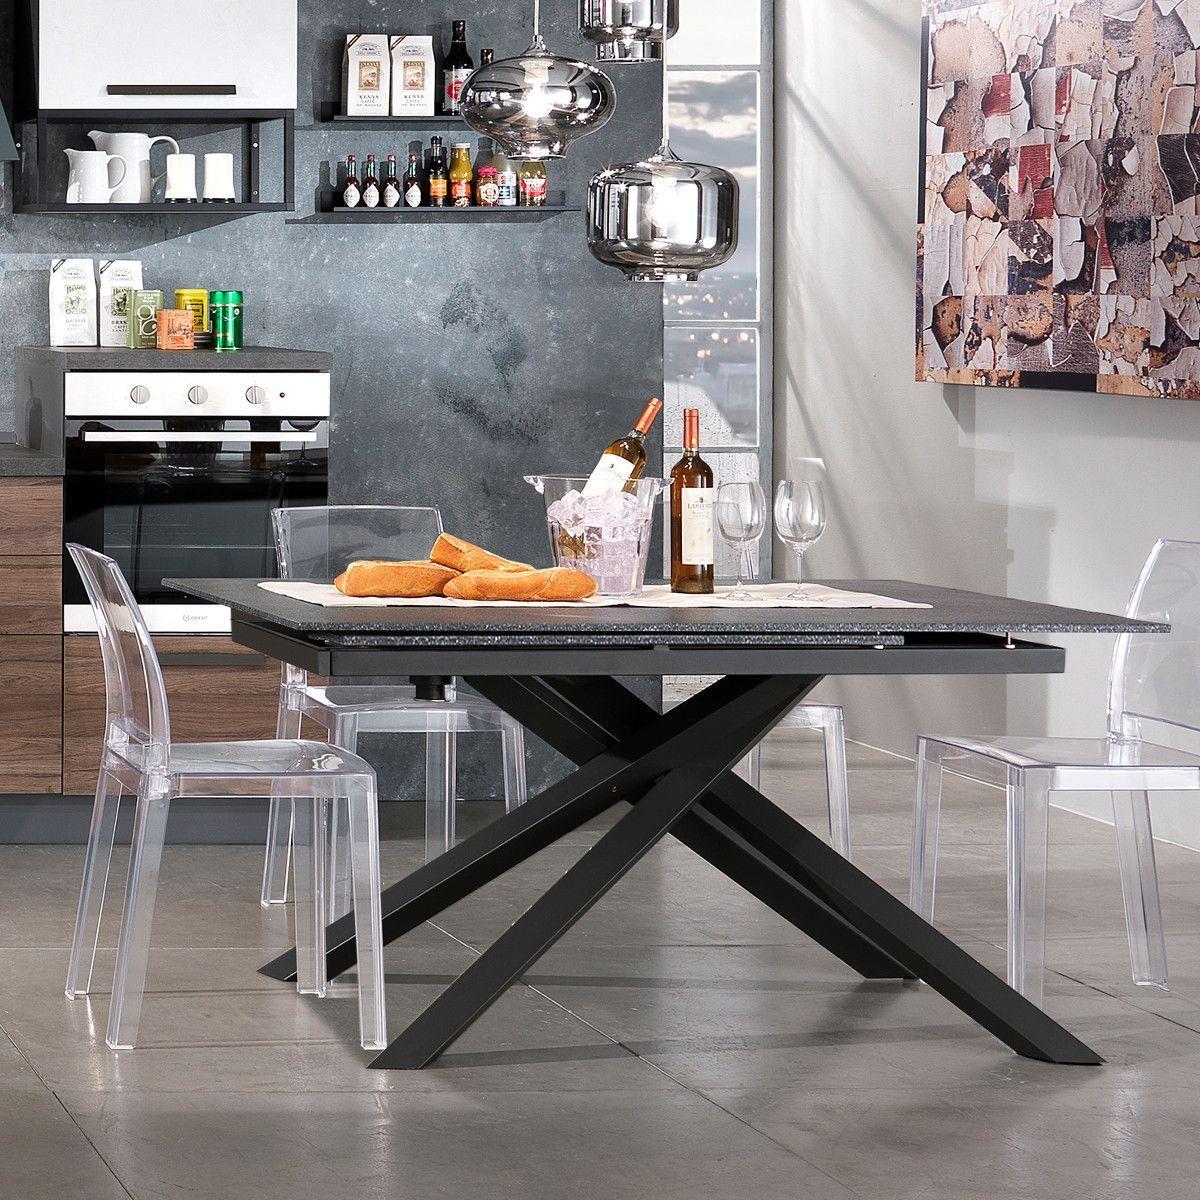 Tavolo da Cucina IPOTIUS Moderno Tavolo da Pranzo in Vetro Rotondo per 4 Persone 90x90x75cm Bianco Gambe in Metallo Bianca